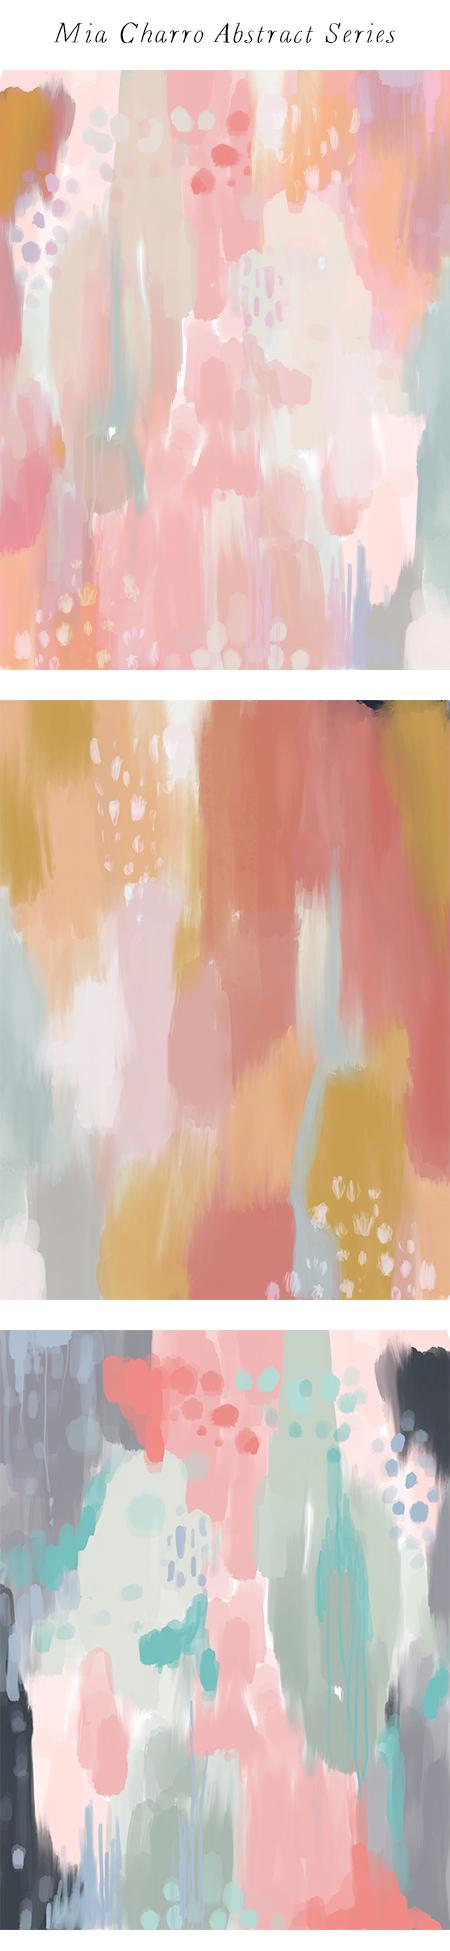 miacharro_abstract